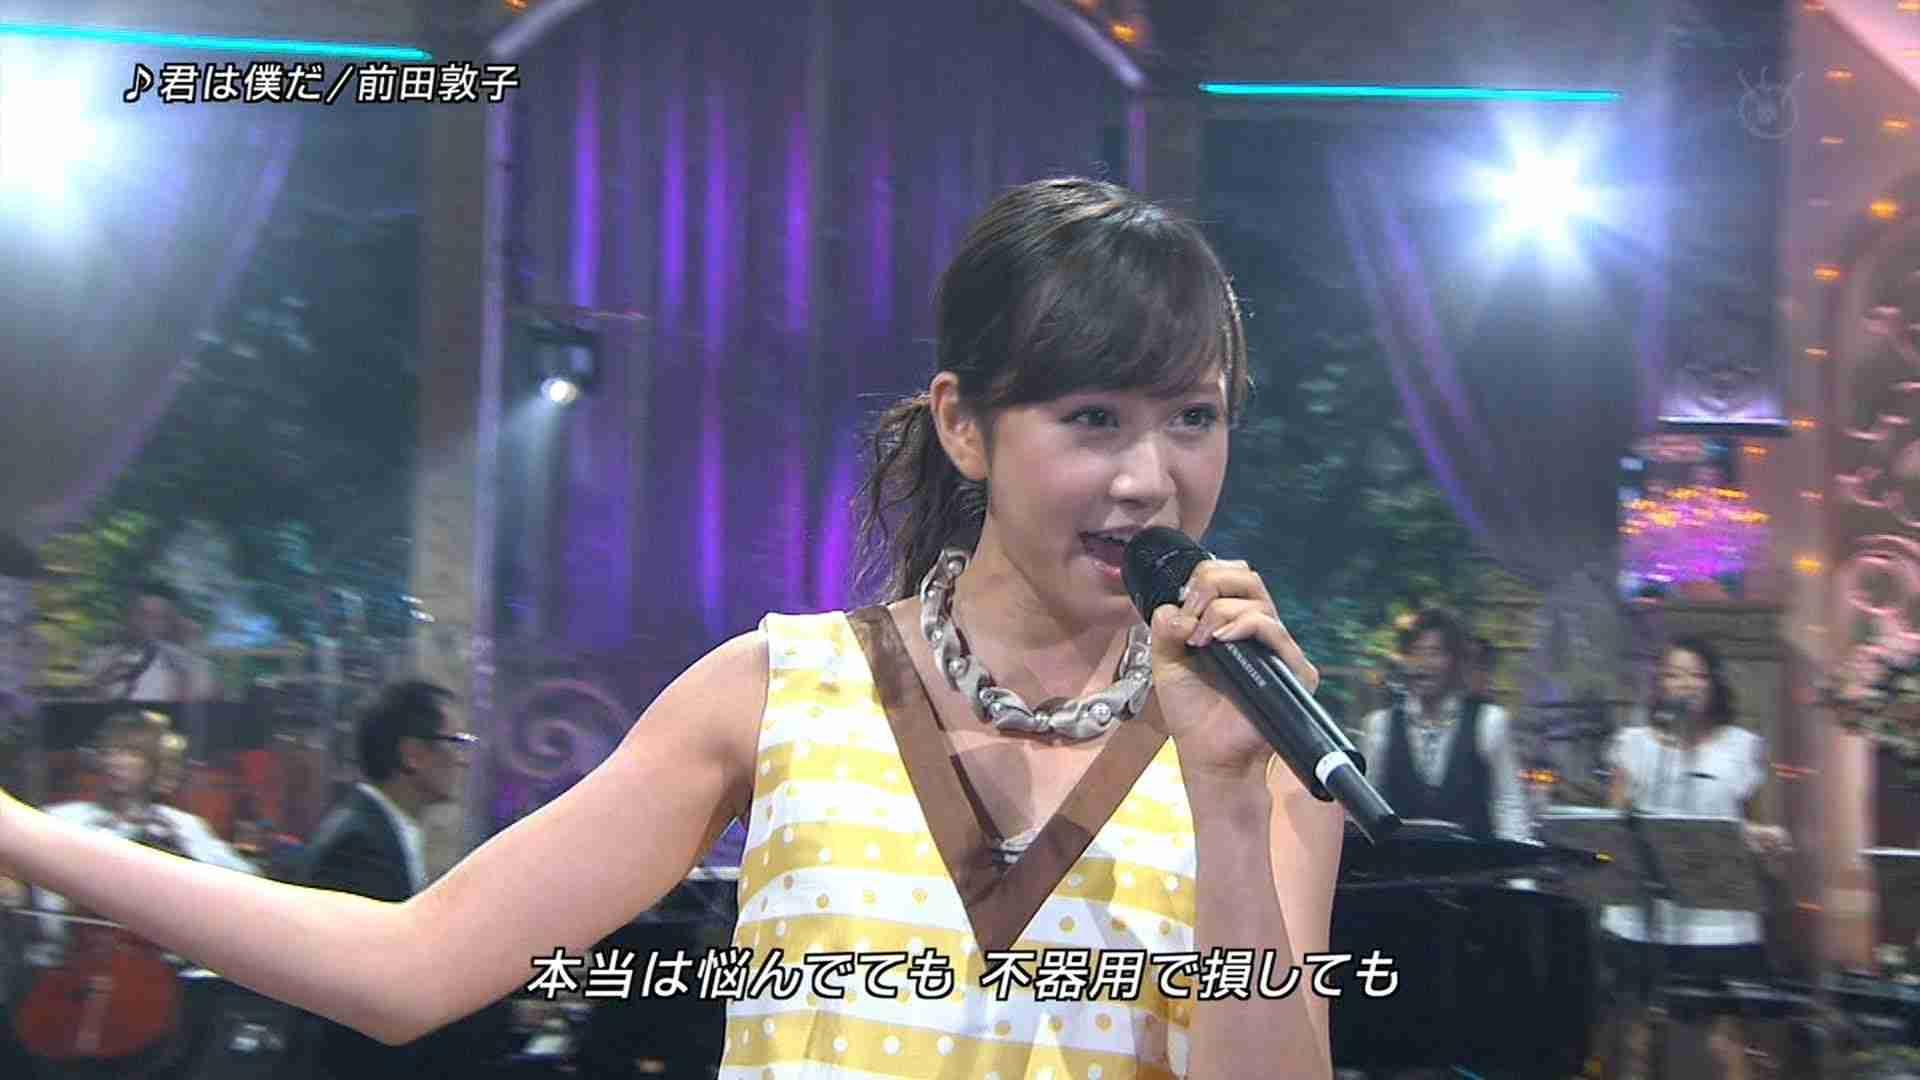 [HD] 前田敦子 - 君は僕だ / AKB48 FNS歌謡祭 Atsuko Maeda - Kimi ha Boku da - YouTube